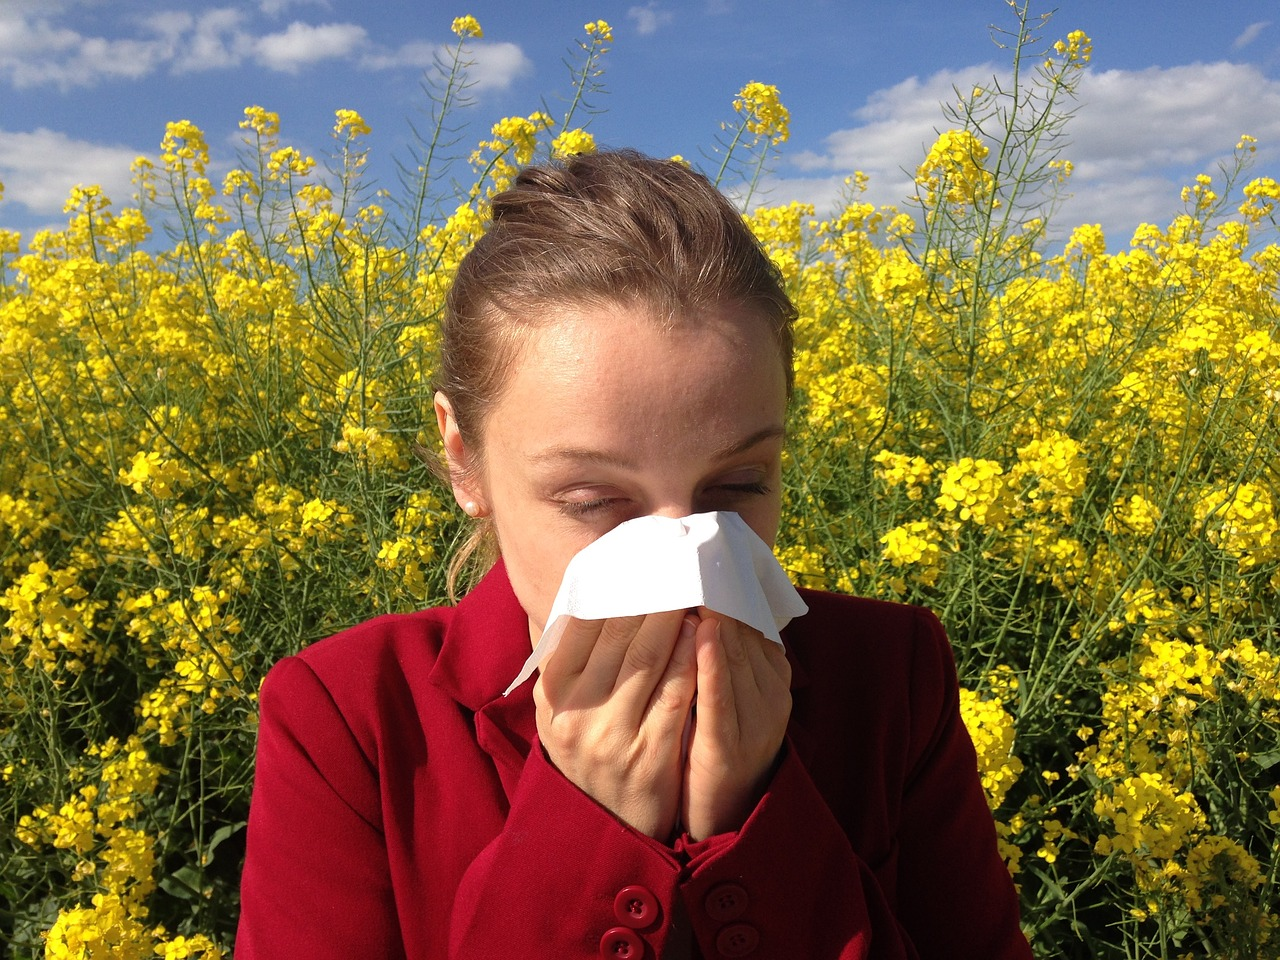 losing sleep over allergies